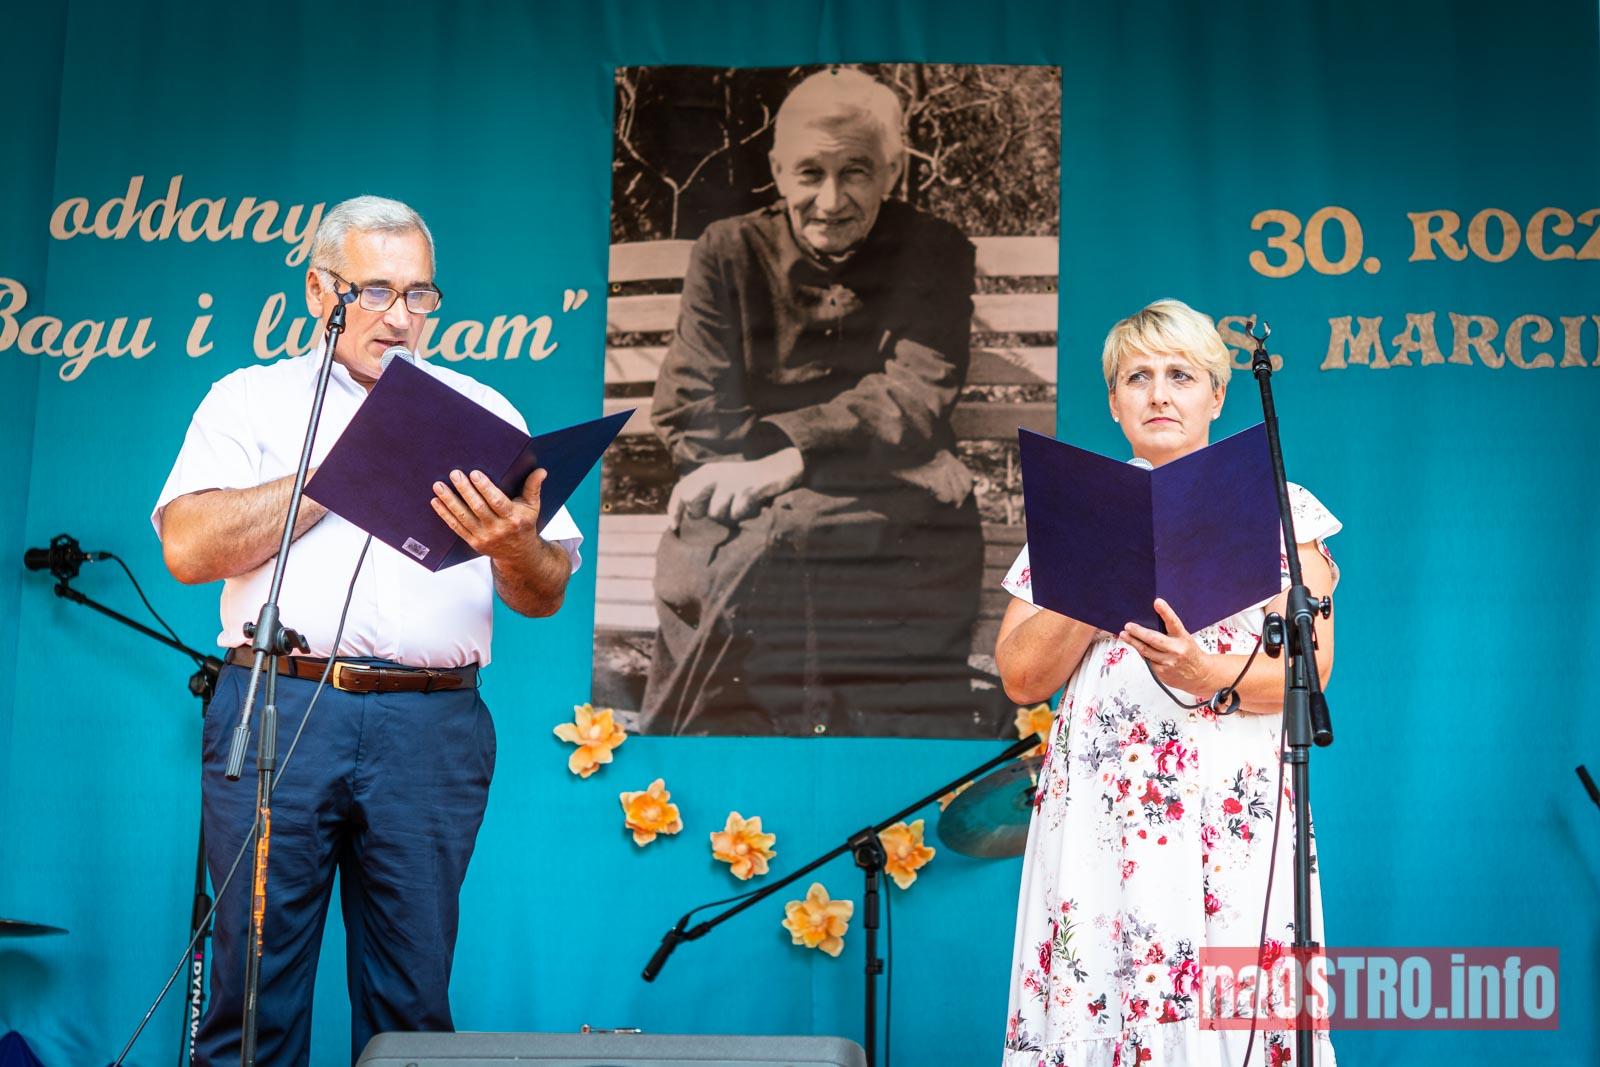 NaOSTROinfo 30 rocznica smierci ks Marcina Popiela-53